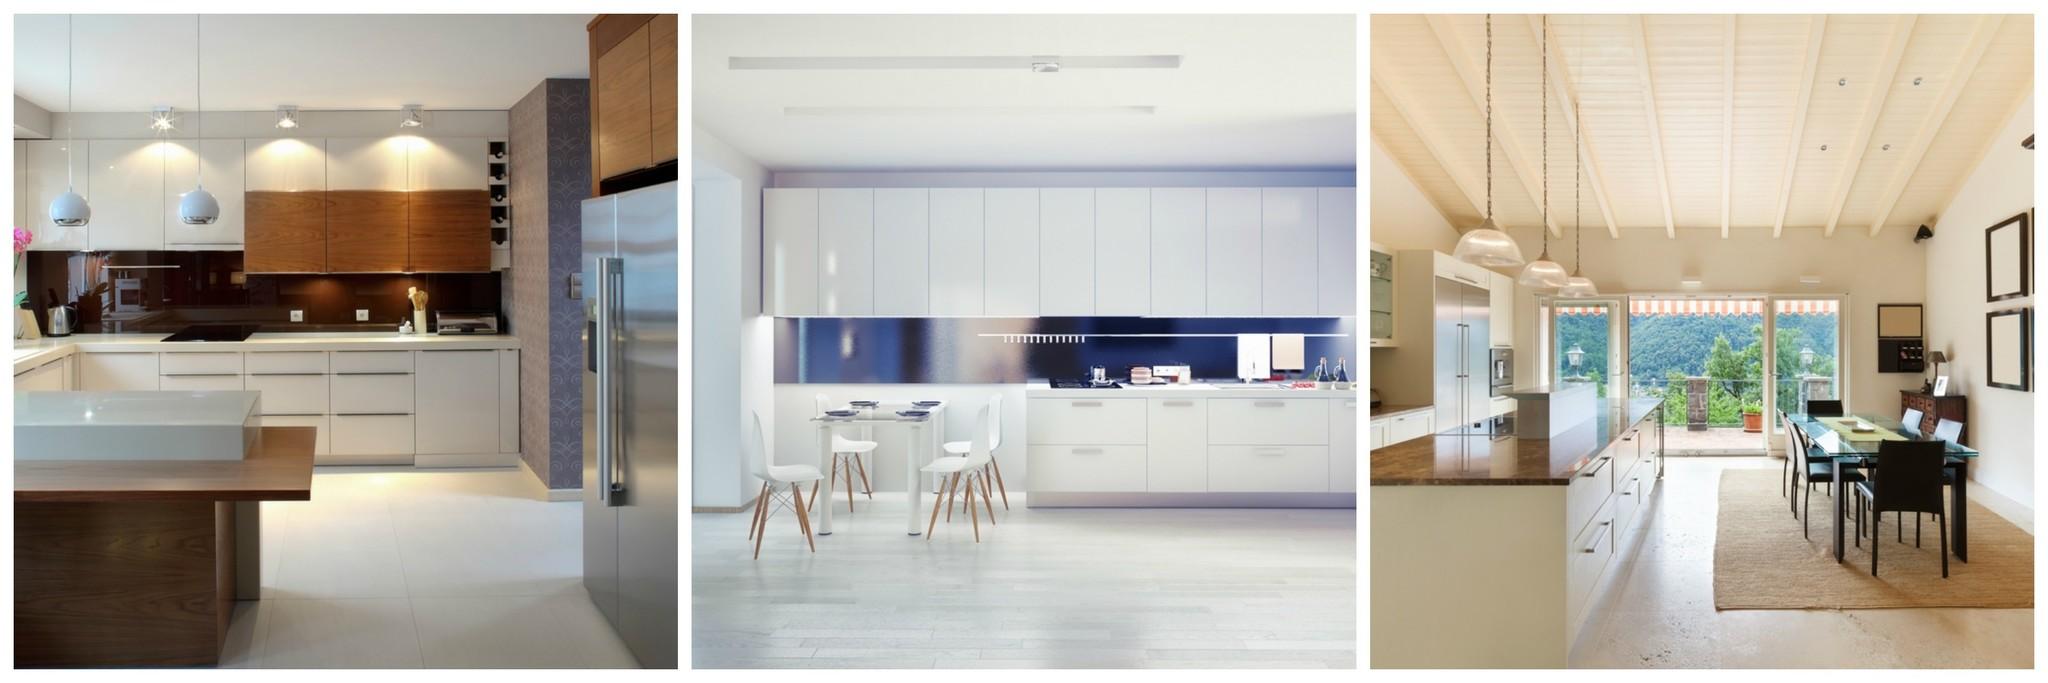 Keukenvloer vloercoating aanbrengen